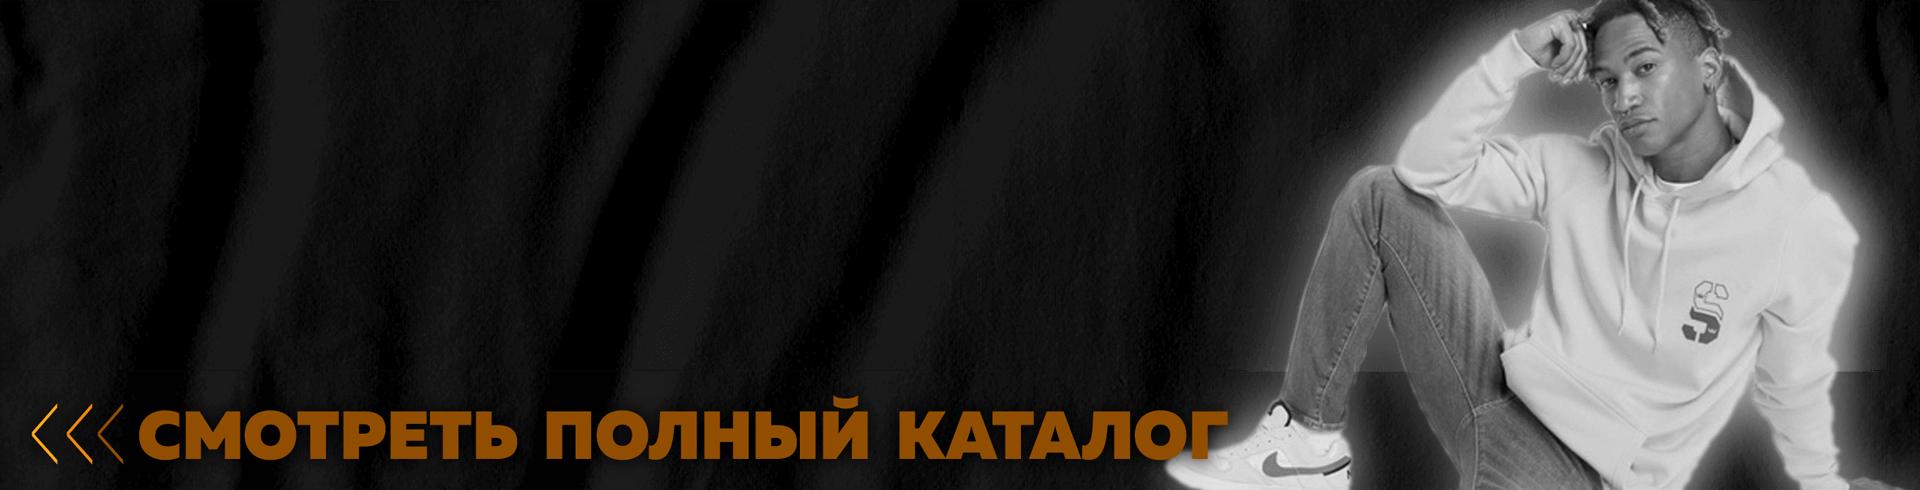 Каталог коричневых мужских и подростковых толстовок с капюшоном без молнии-застежки